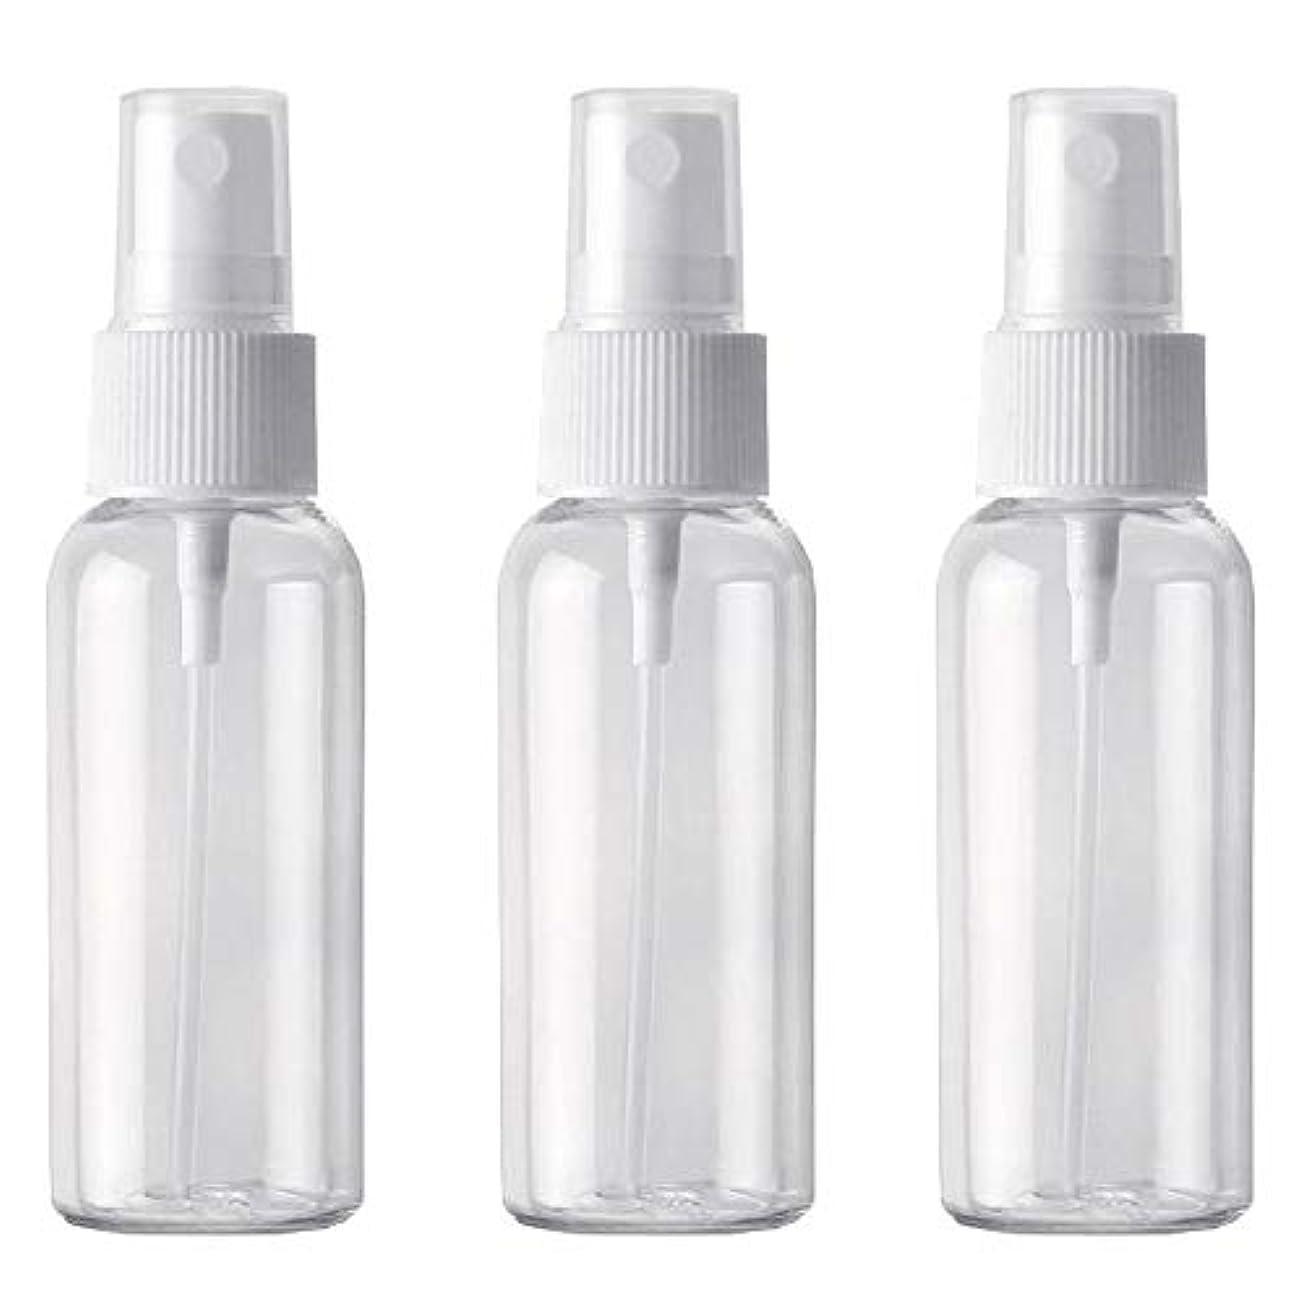 フォアマンフラフープ支援するPET小分けボトル トラベルボトル スプレーボトル 3本セット 霧吹き 小分け容器 化粧水 (50ml )